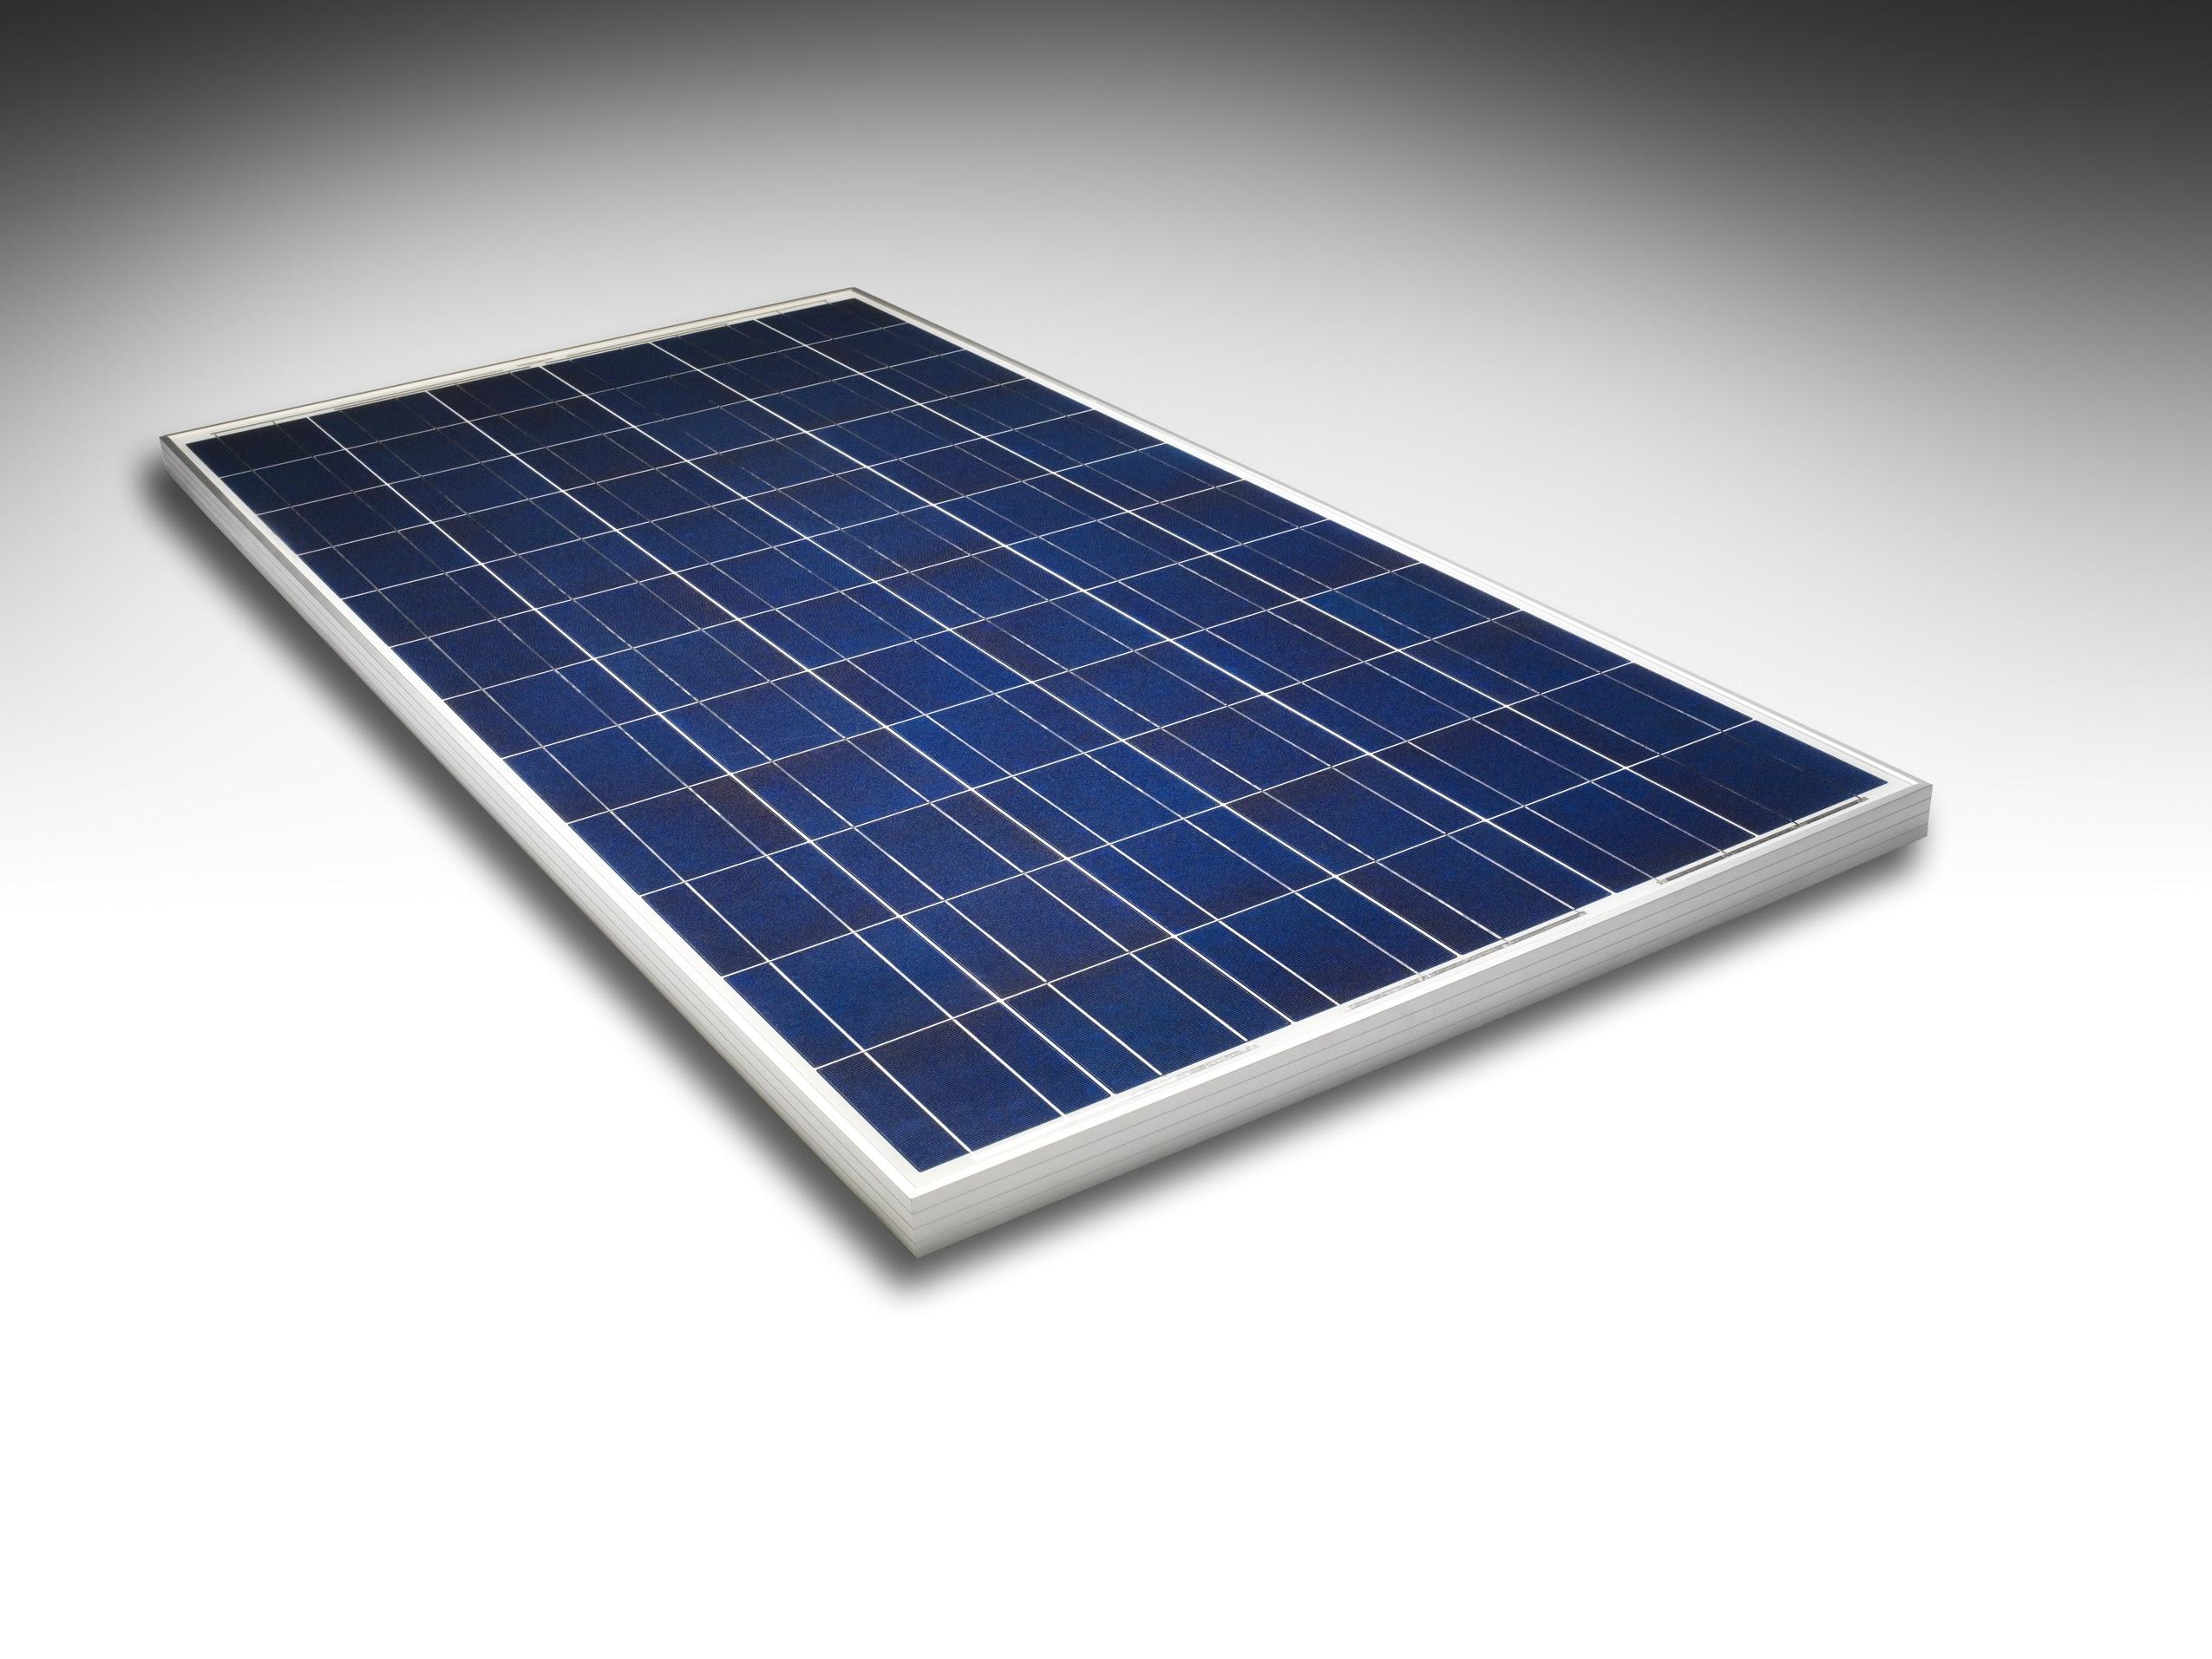 Motech Solar Panel floating